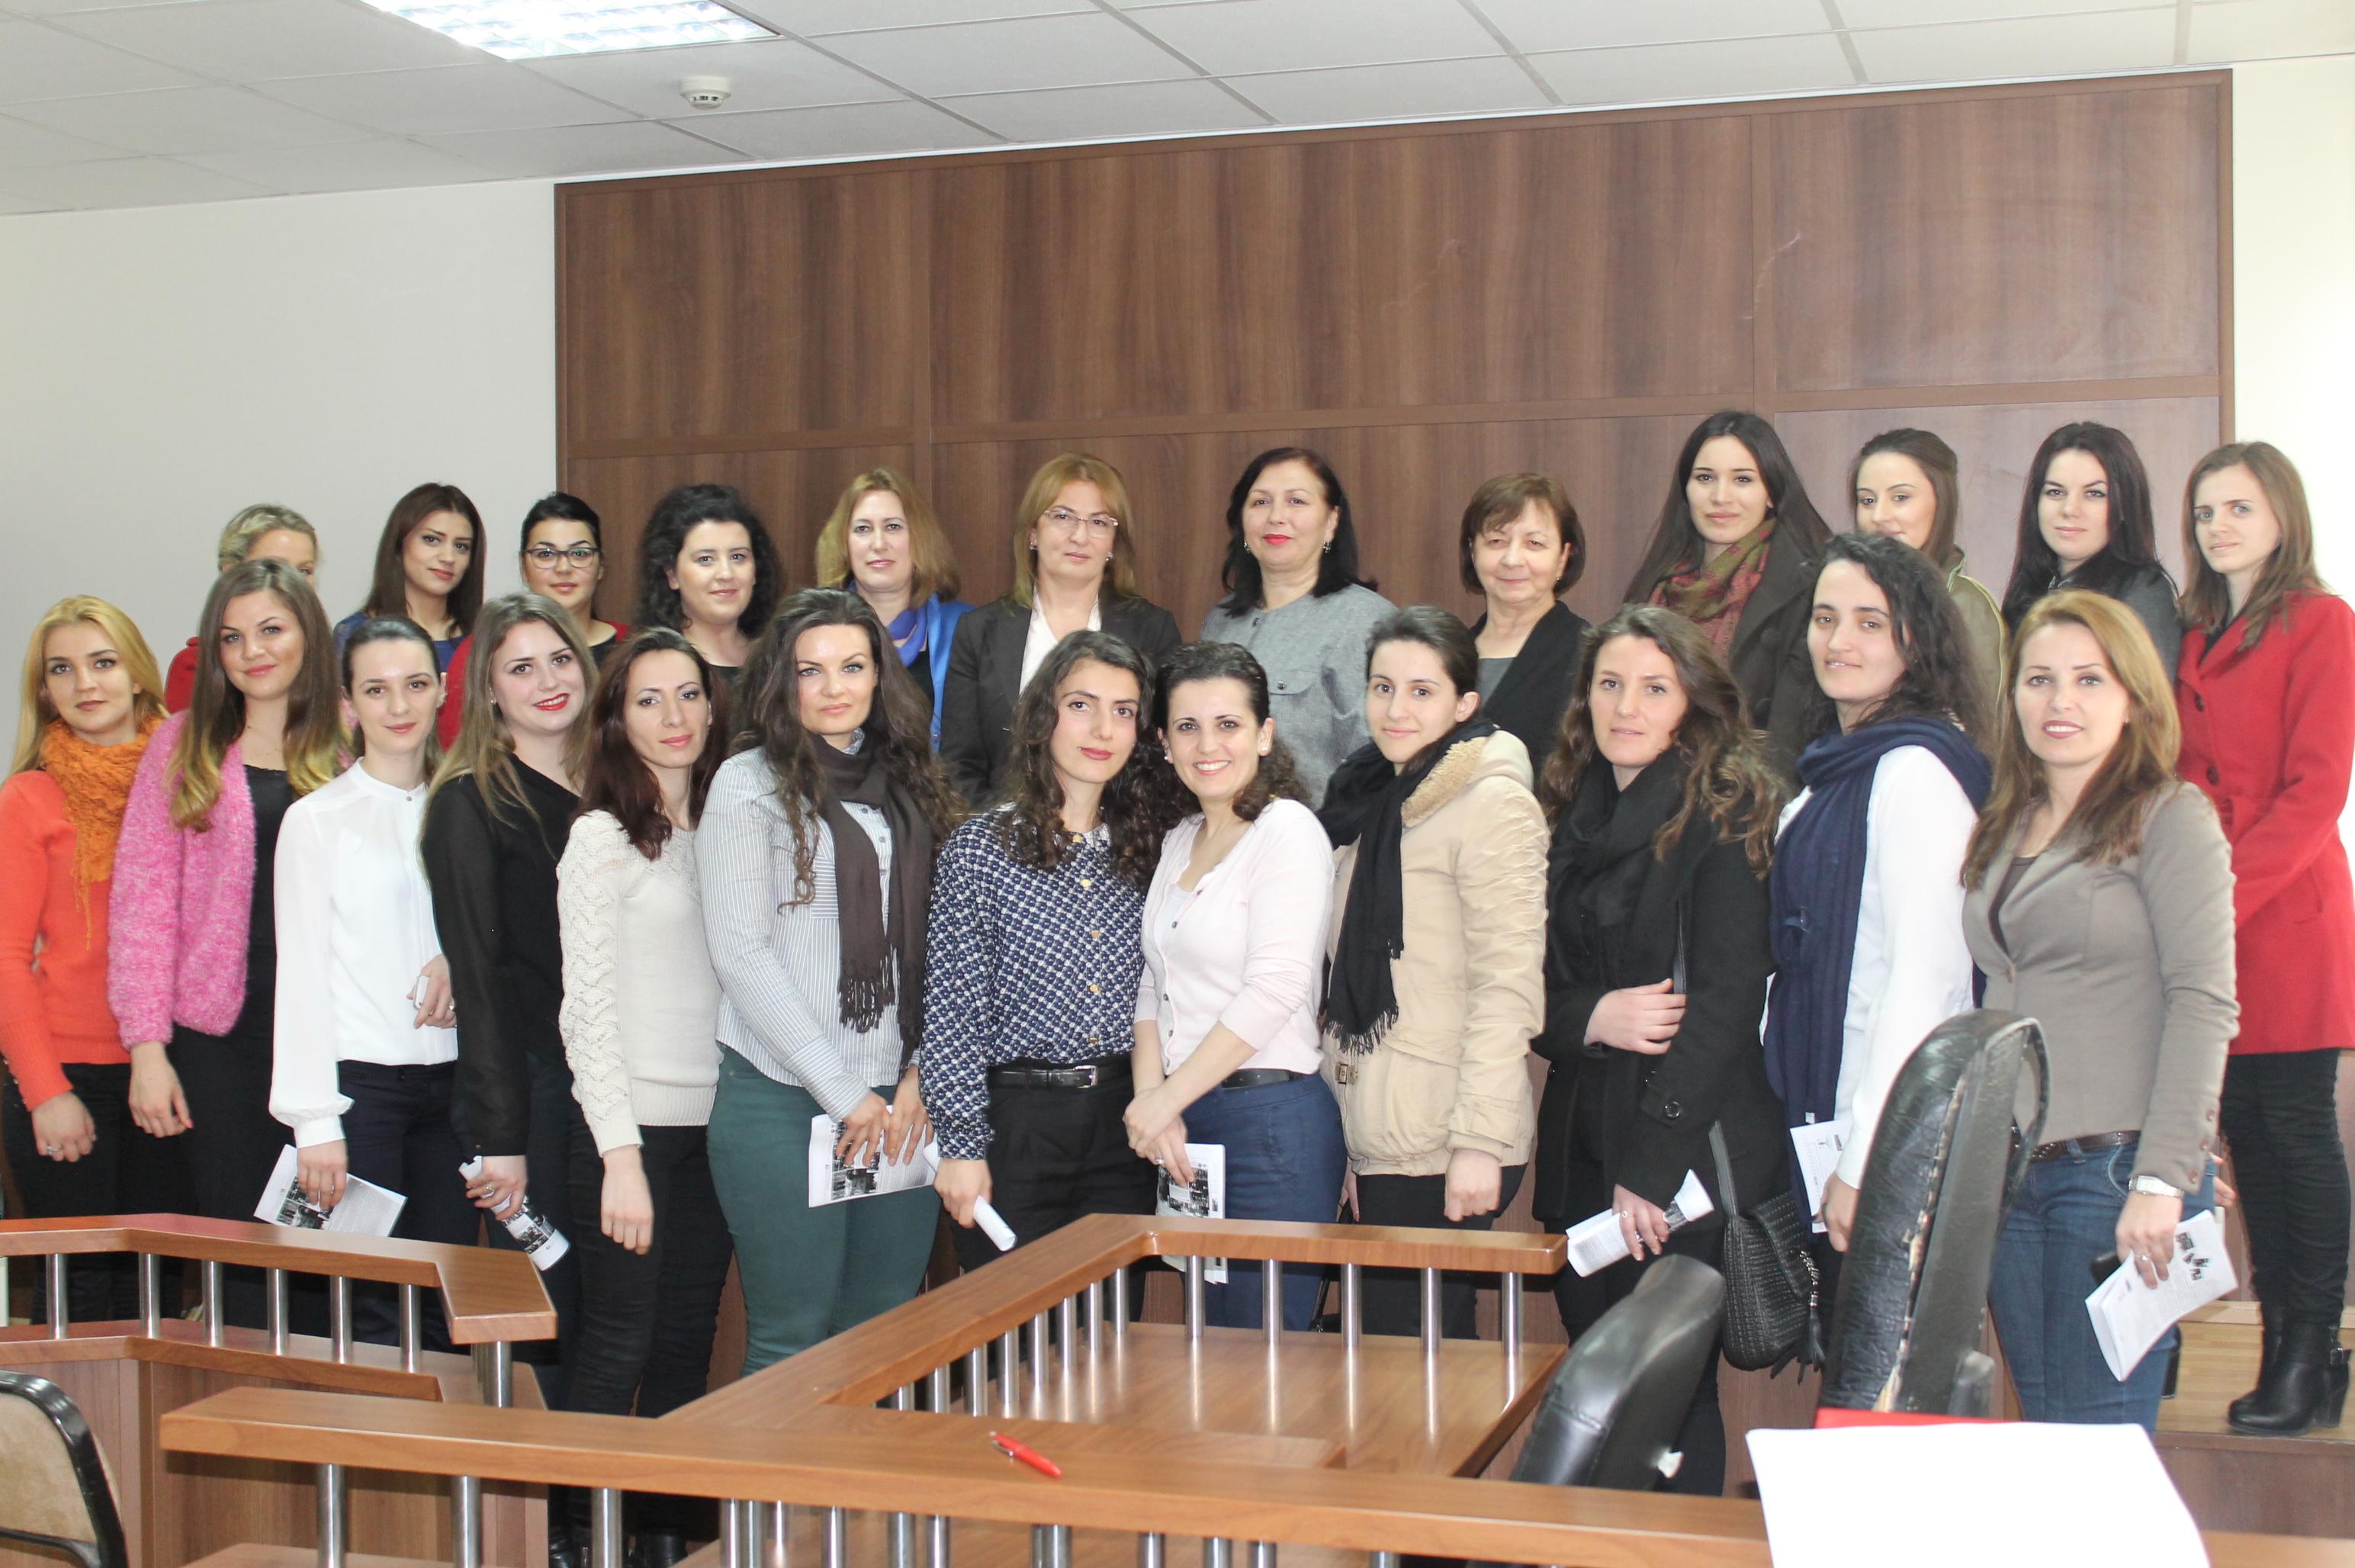 Forumi i gjyqtareve dhe prokuroreve në takim me praktikantët e gjykatës dhe prokurorisë